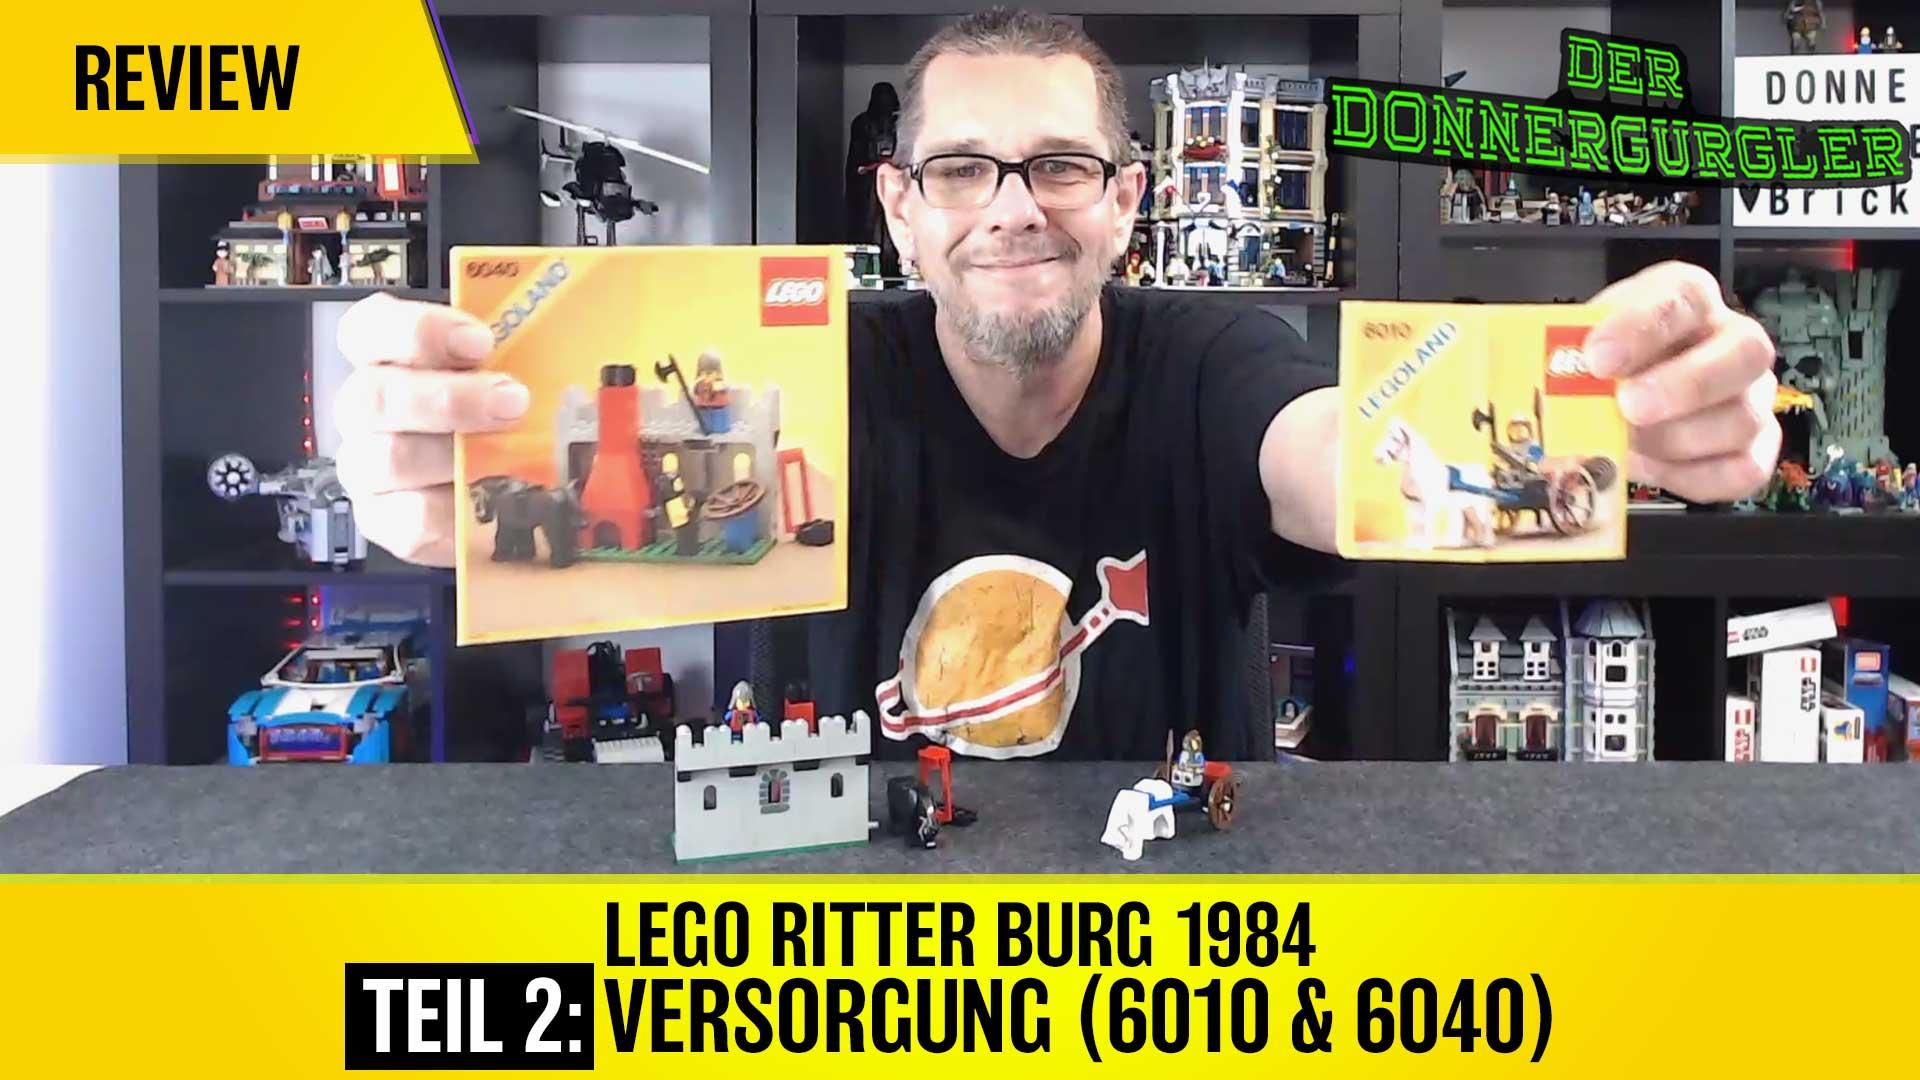 Lego Ritter Burg 1984 Teil 2: Versorgung (6010 & 6040)